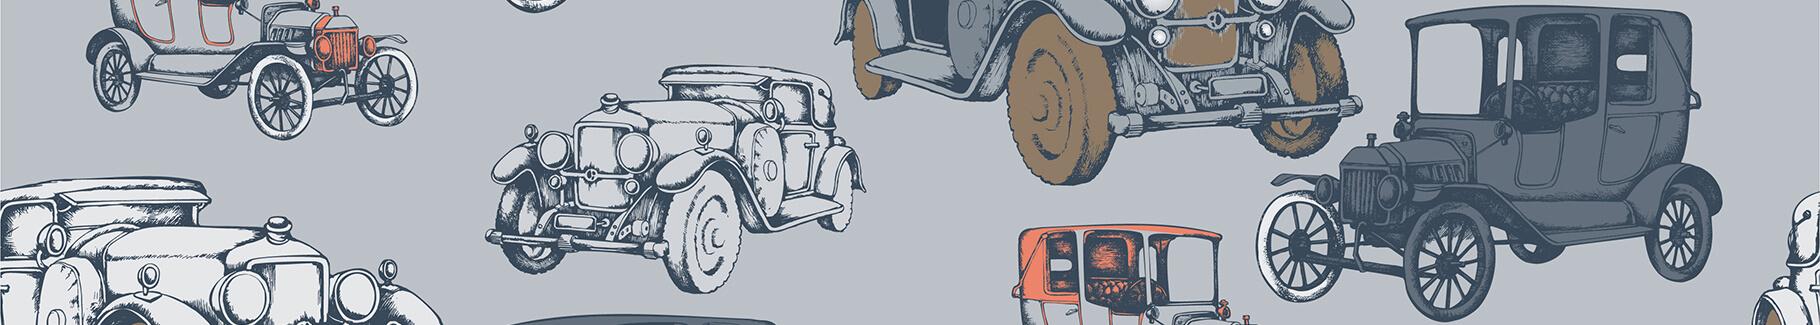 Plakat samochody vintage